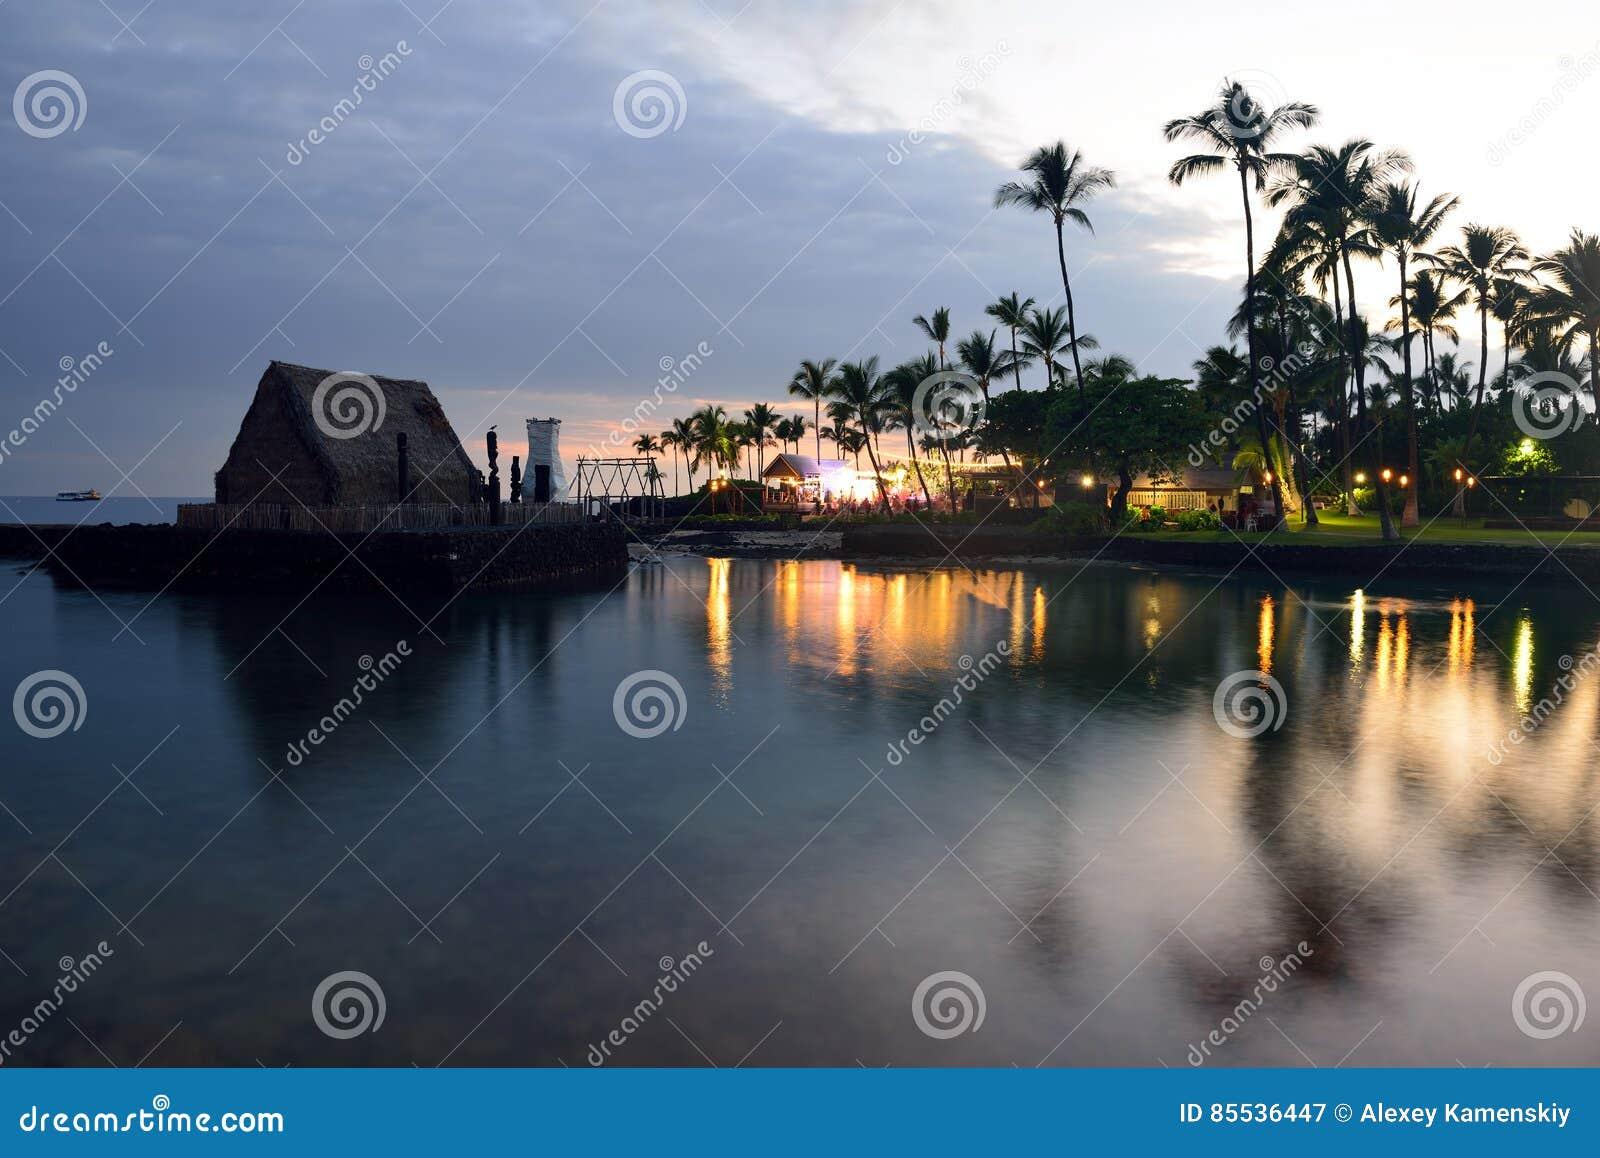 海滩夏威夷luau当事人日落